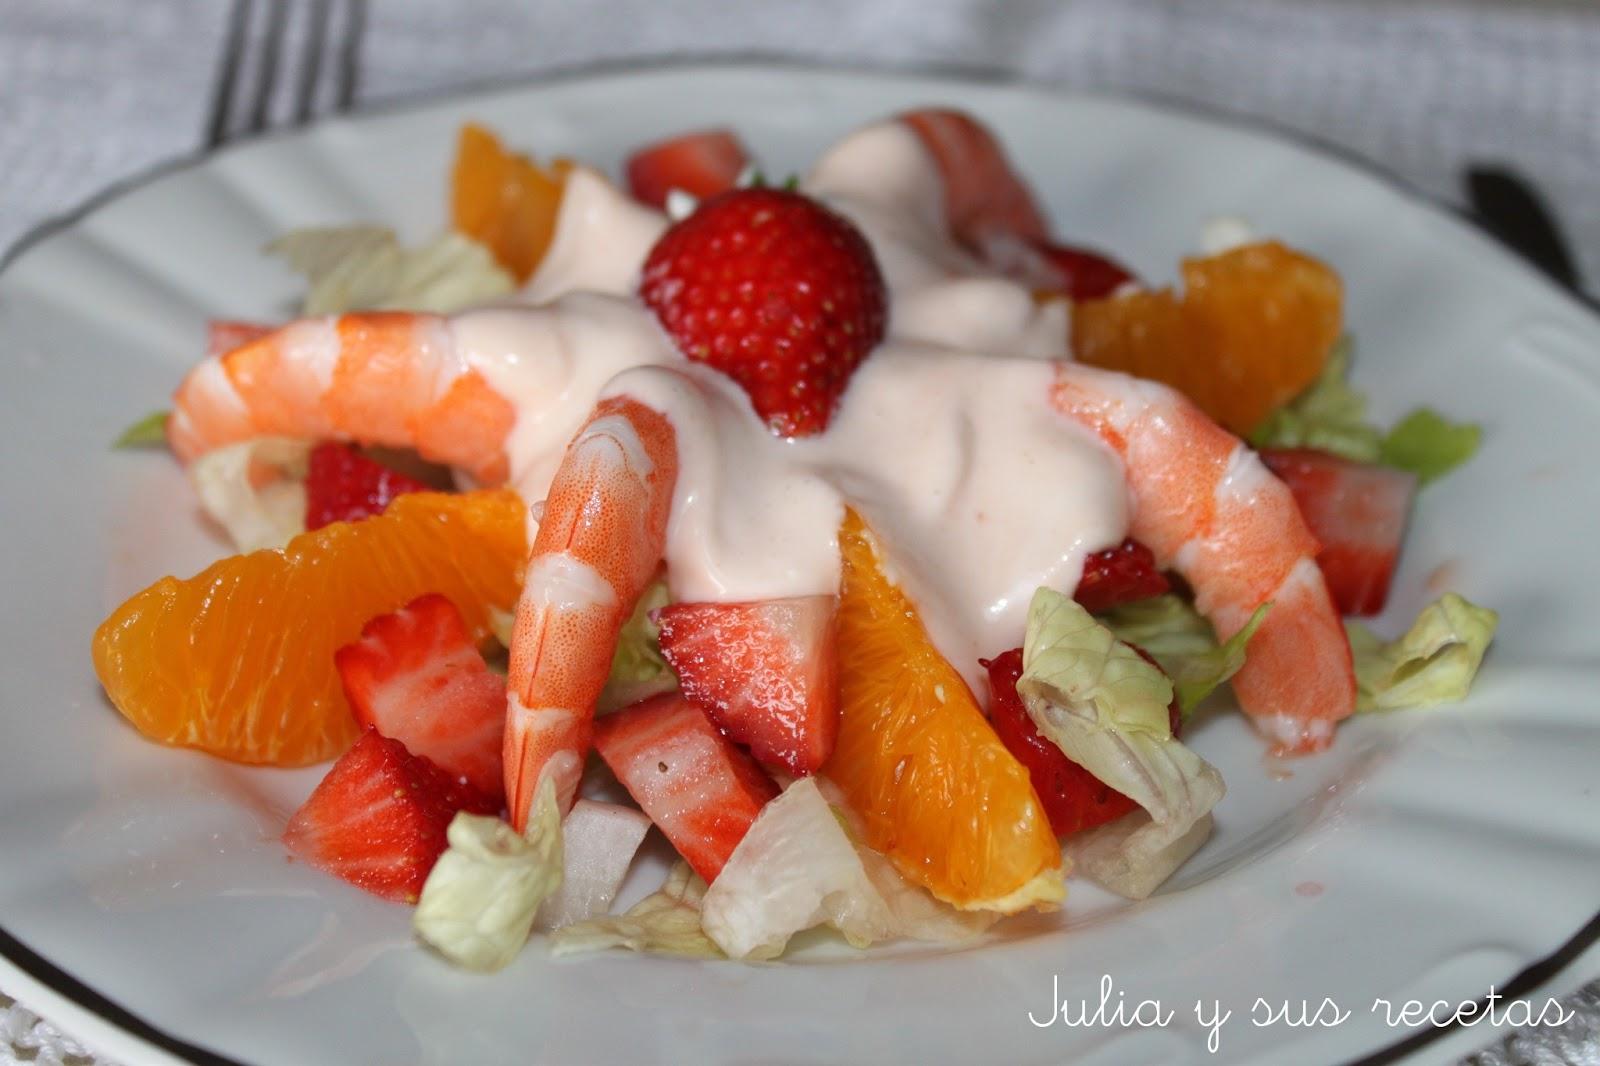 Julia y sus recetas ensalada de fresas y langostinos - Ensalada de langostinos ...